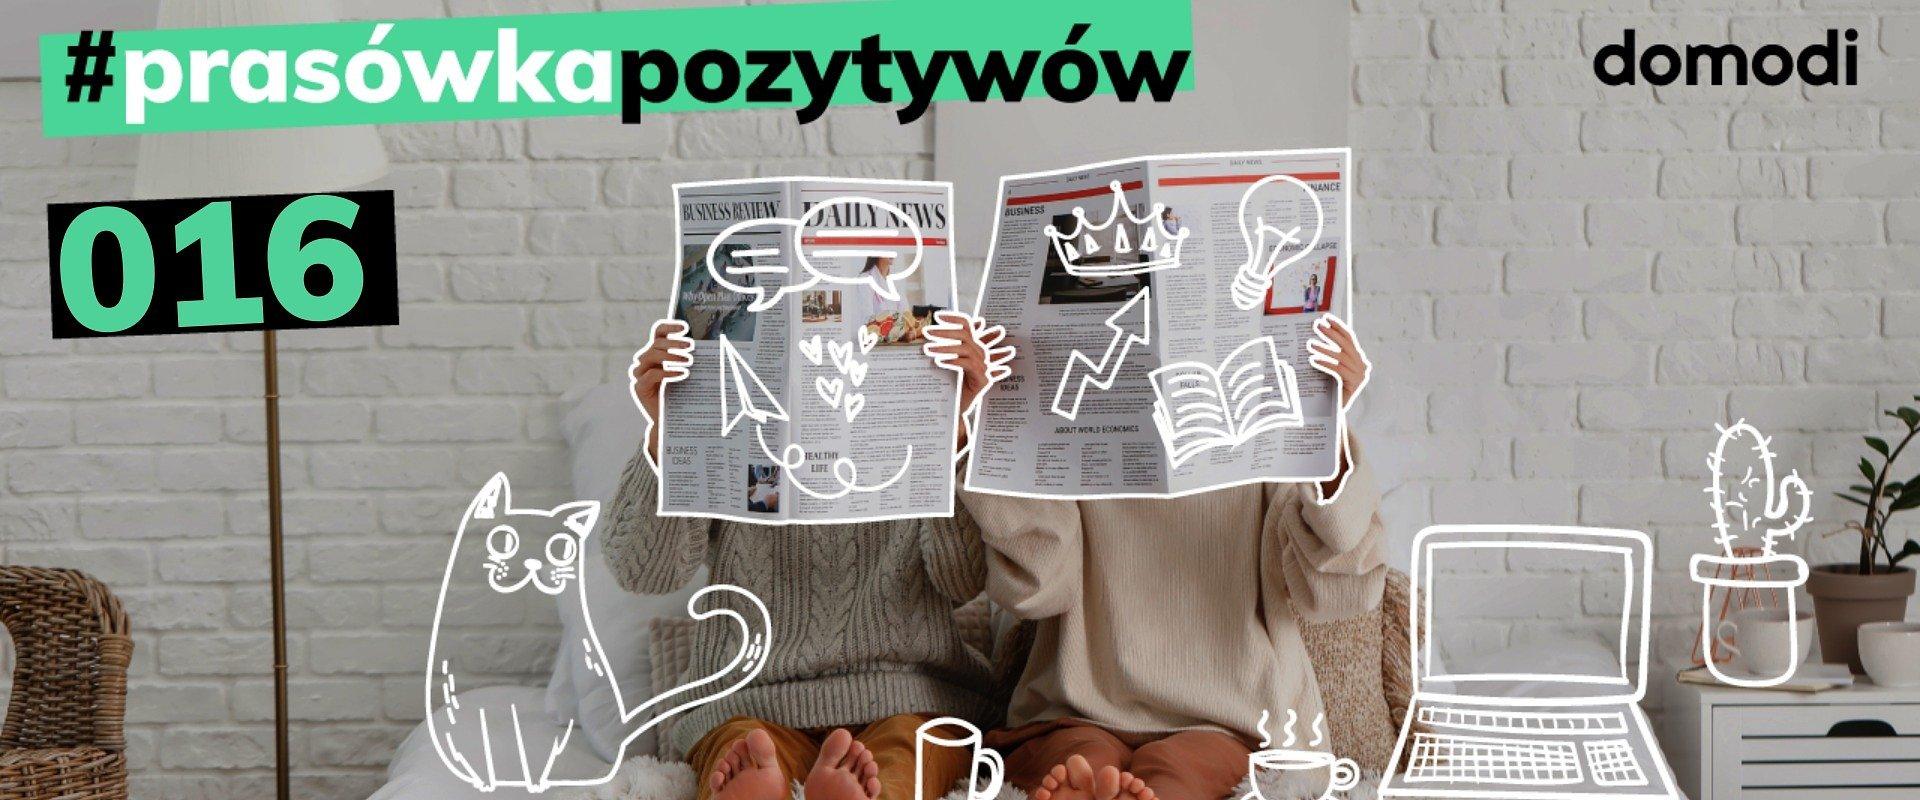 #prasówkapozytywów vol.16